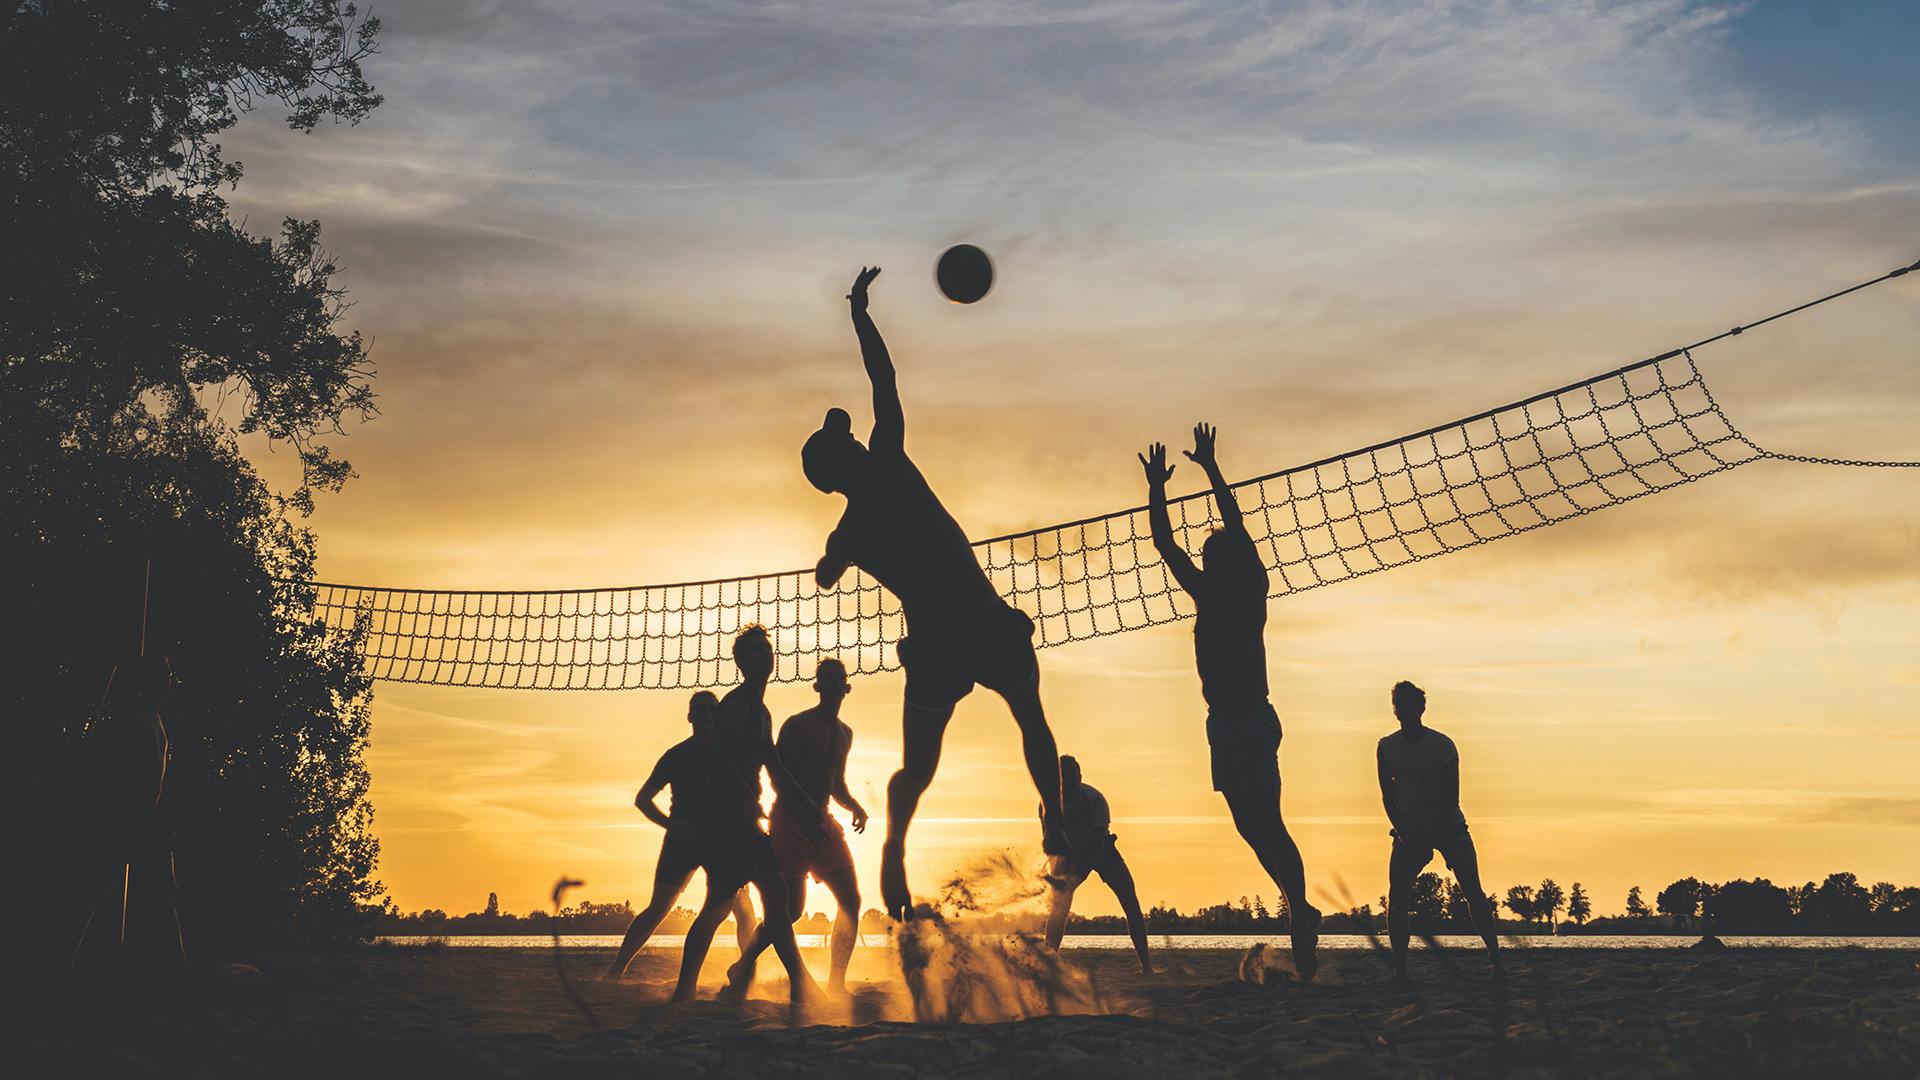 Bina-Qurani-Teknik-Dasar-Permainan-Bola-Voli